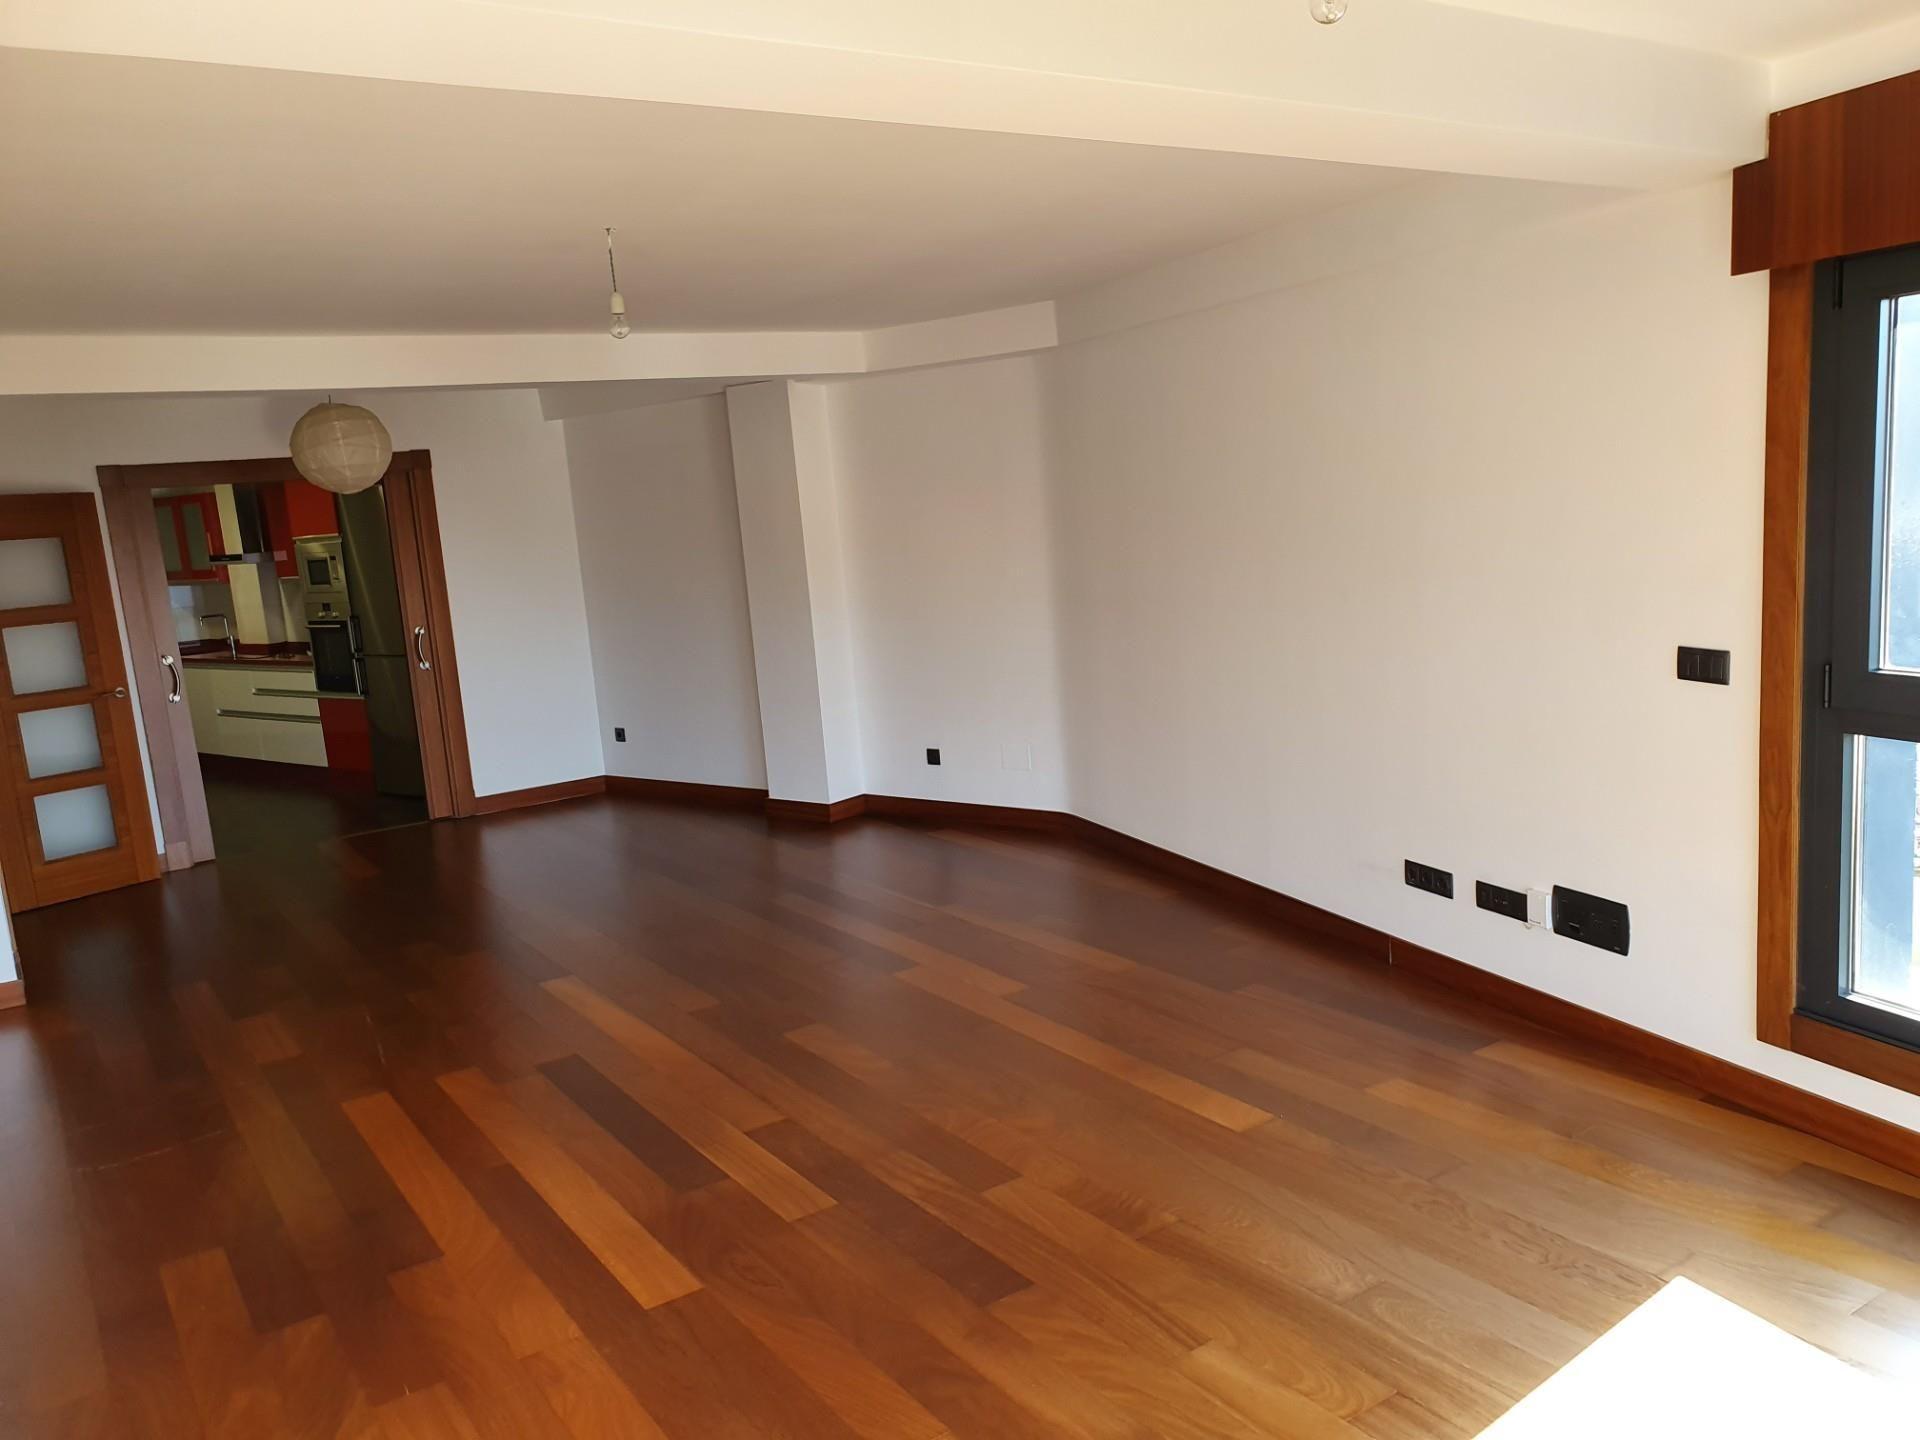 Piso de alquiler en Rúa Areal, 8, Areal – Zona Centro (Benajarafe, Málaga)